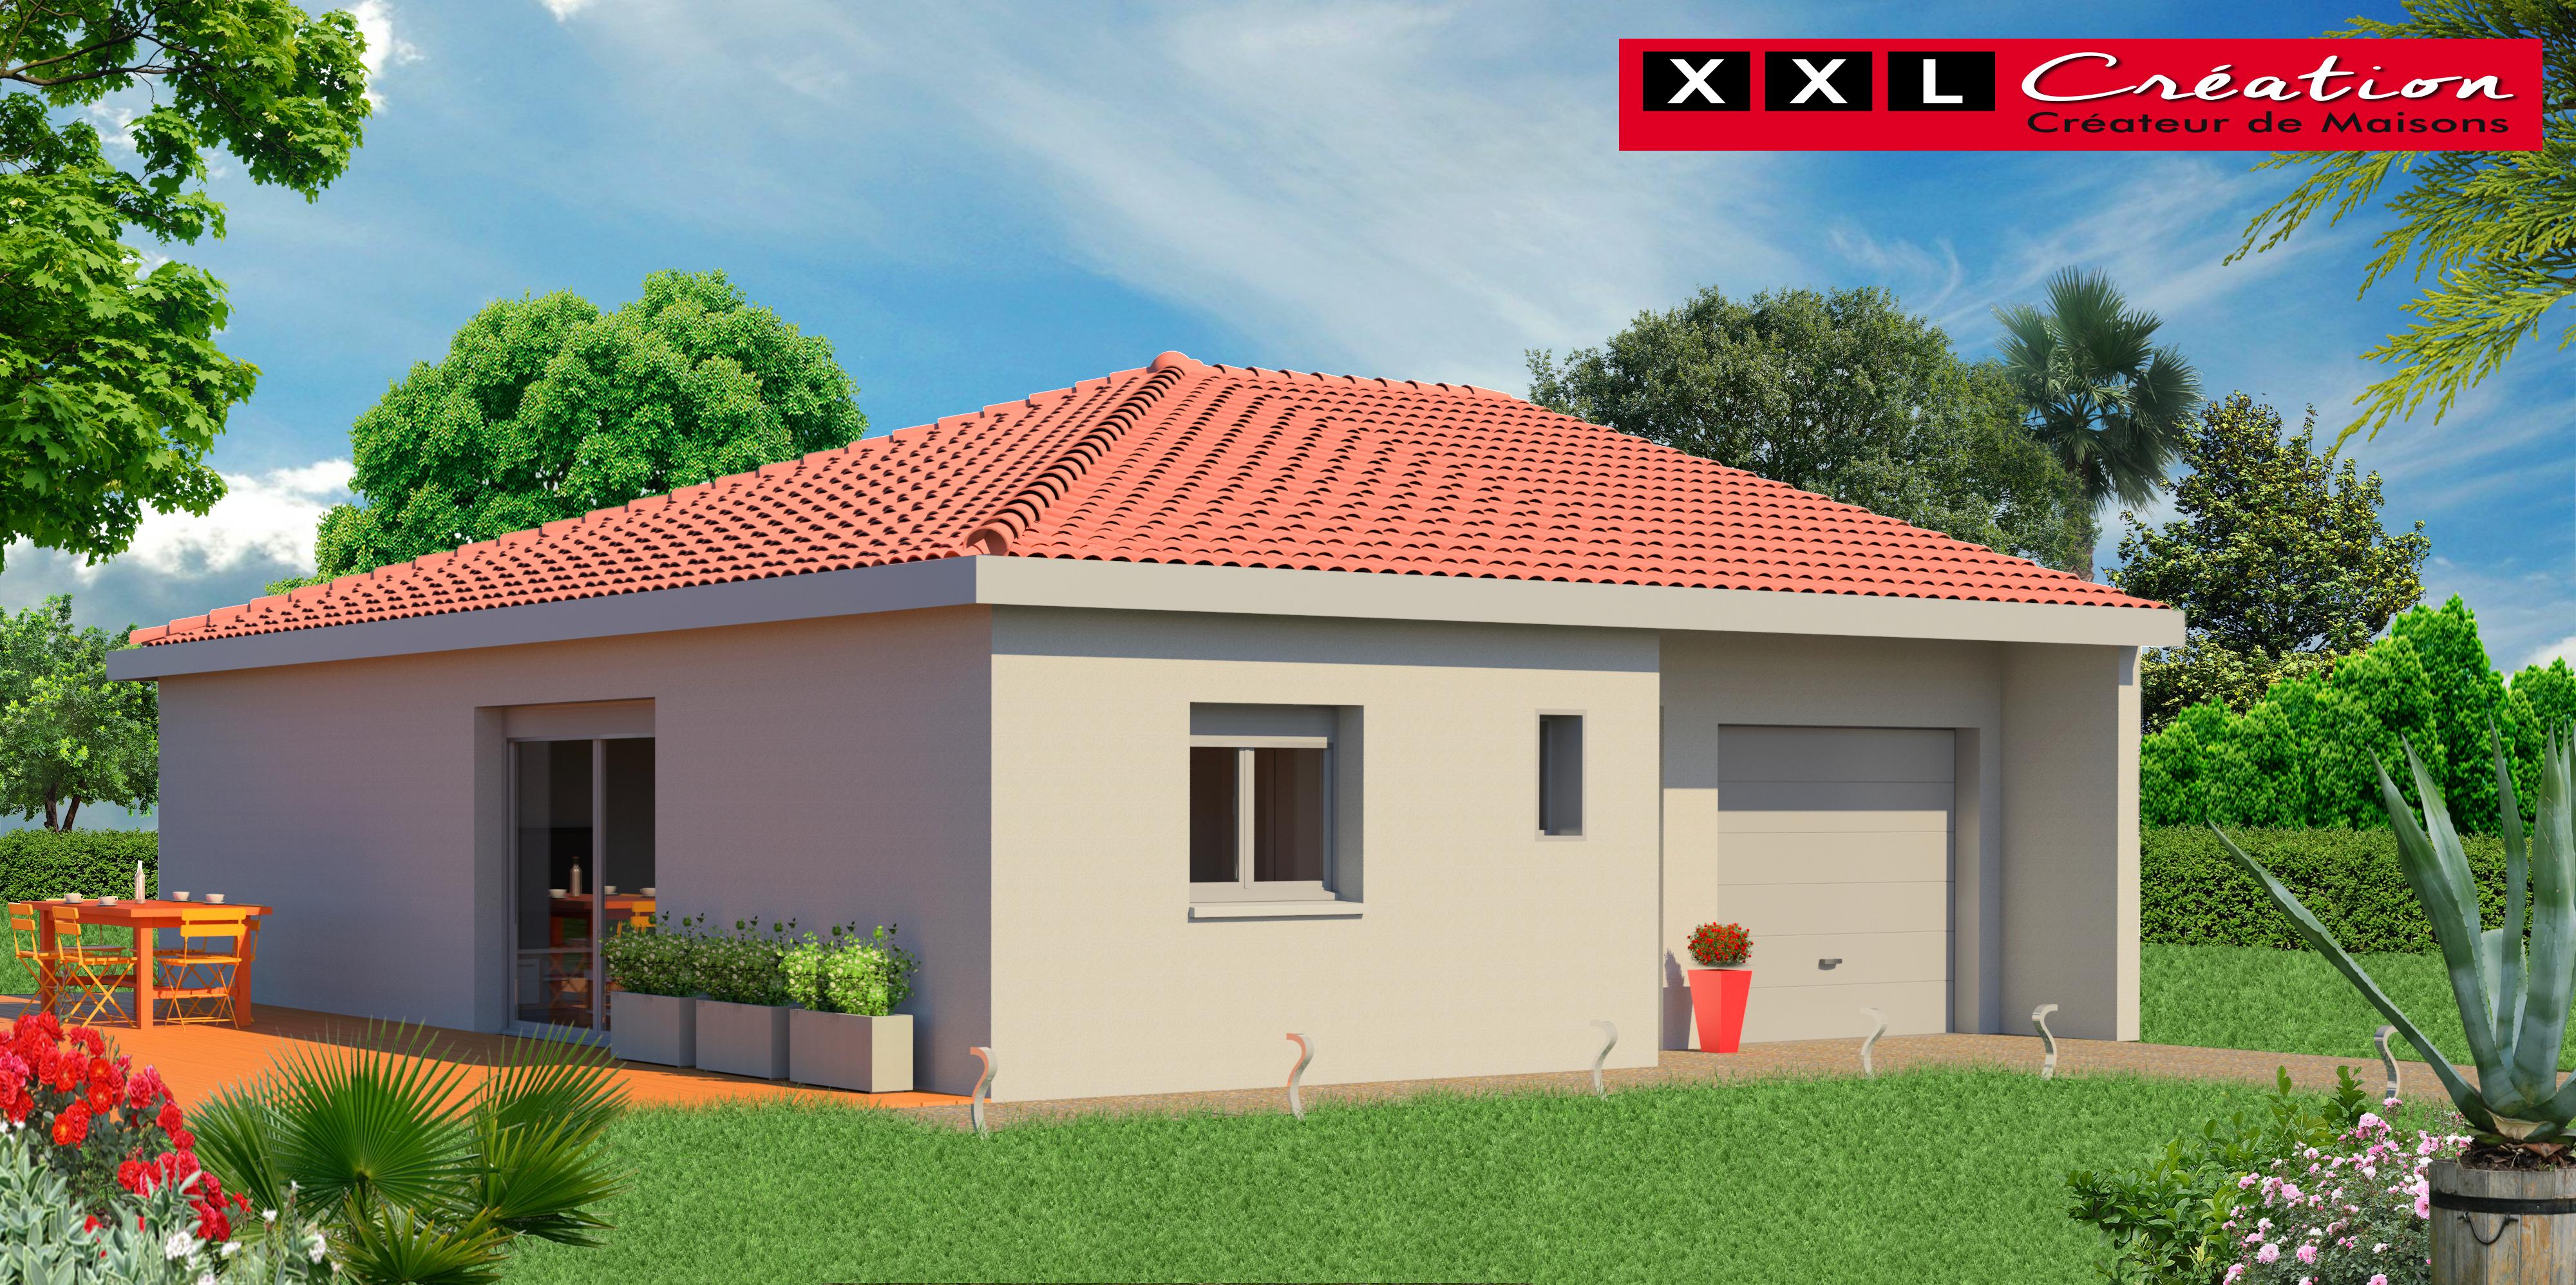 Maisons + Terrains du constructeur XXL CREATION • 140 m² • NEFIACH